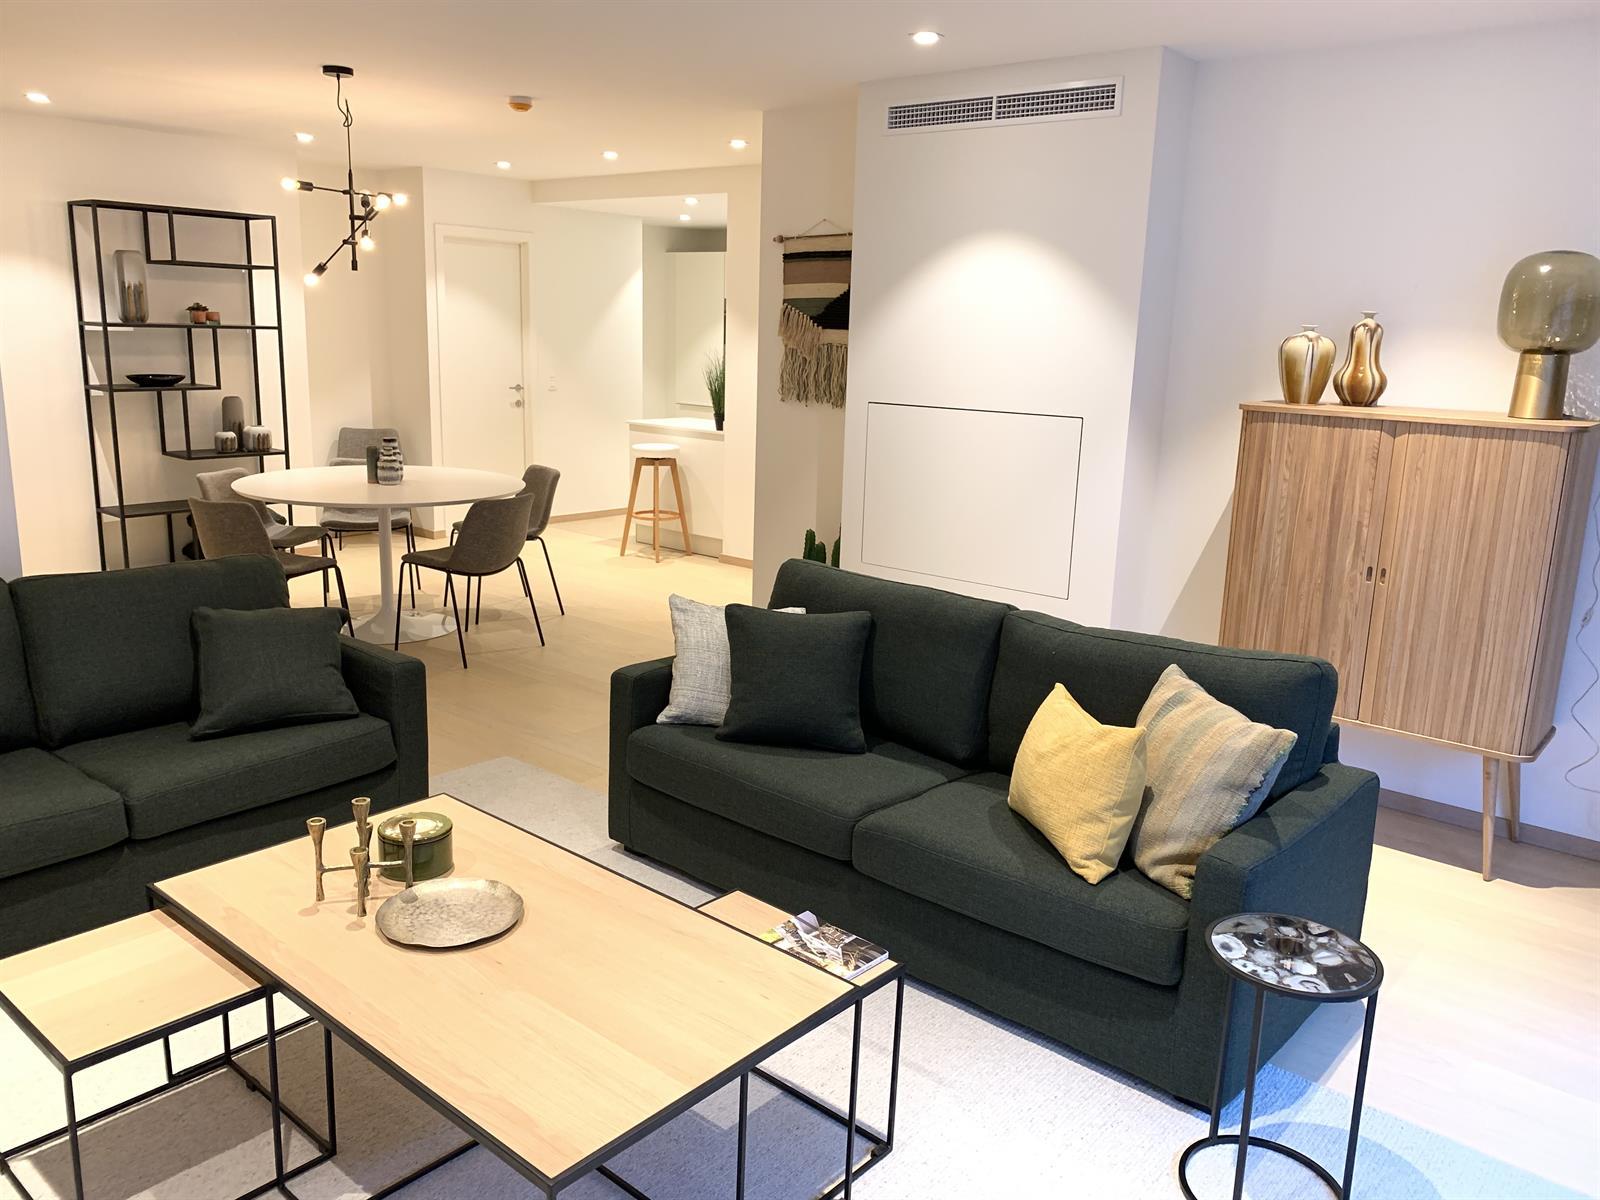 Appartement exceptionnel - Ixelles - #3918742-0